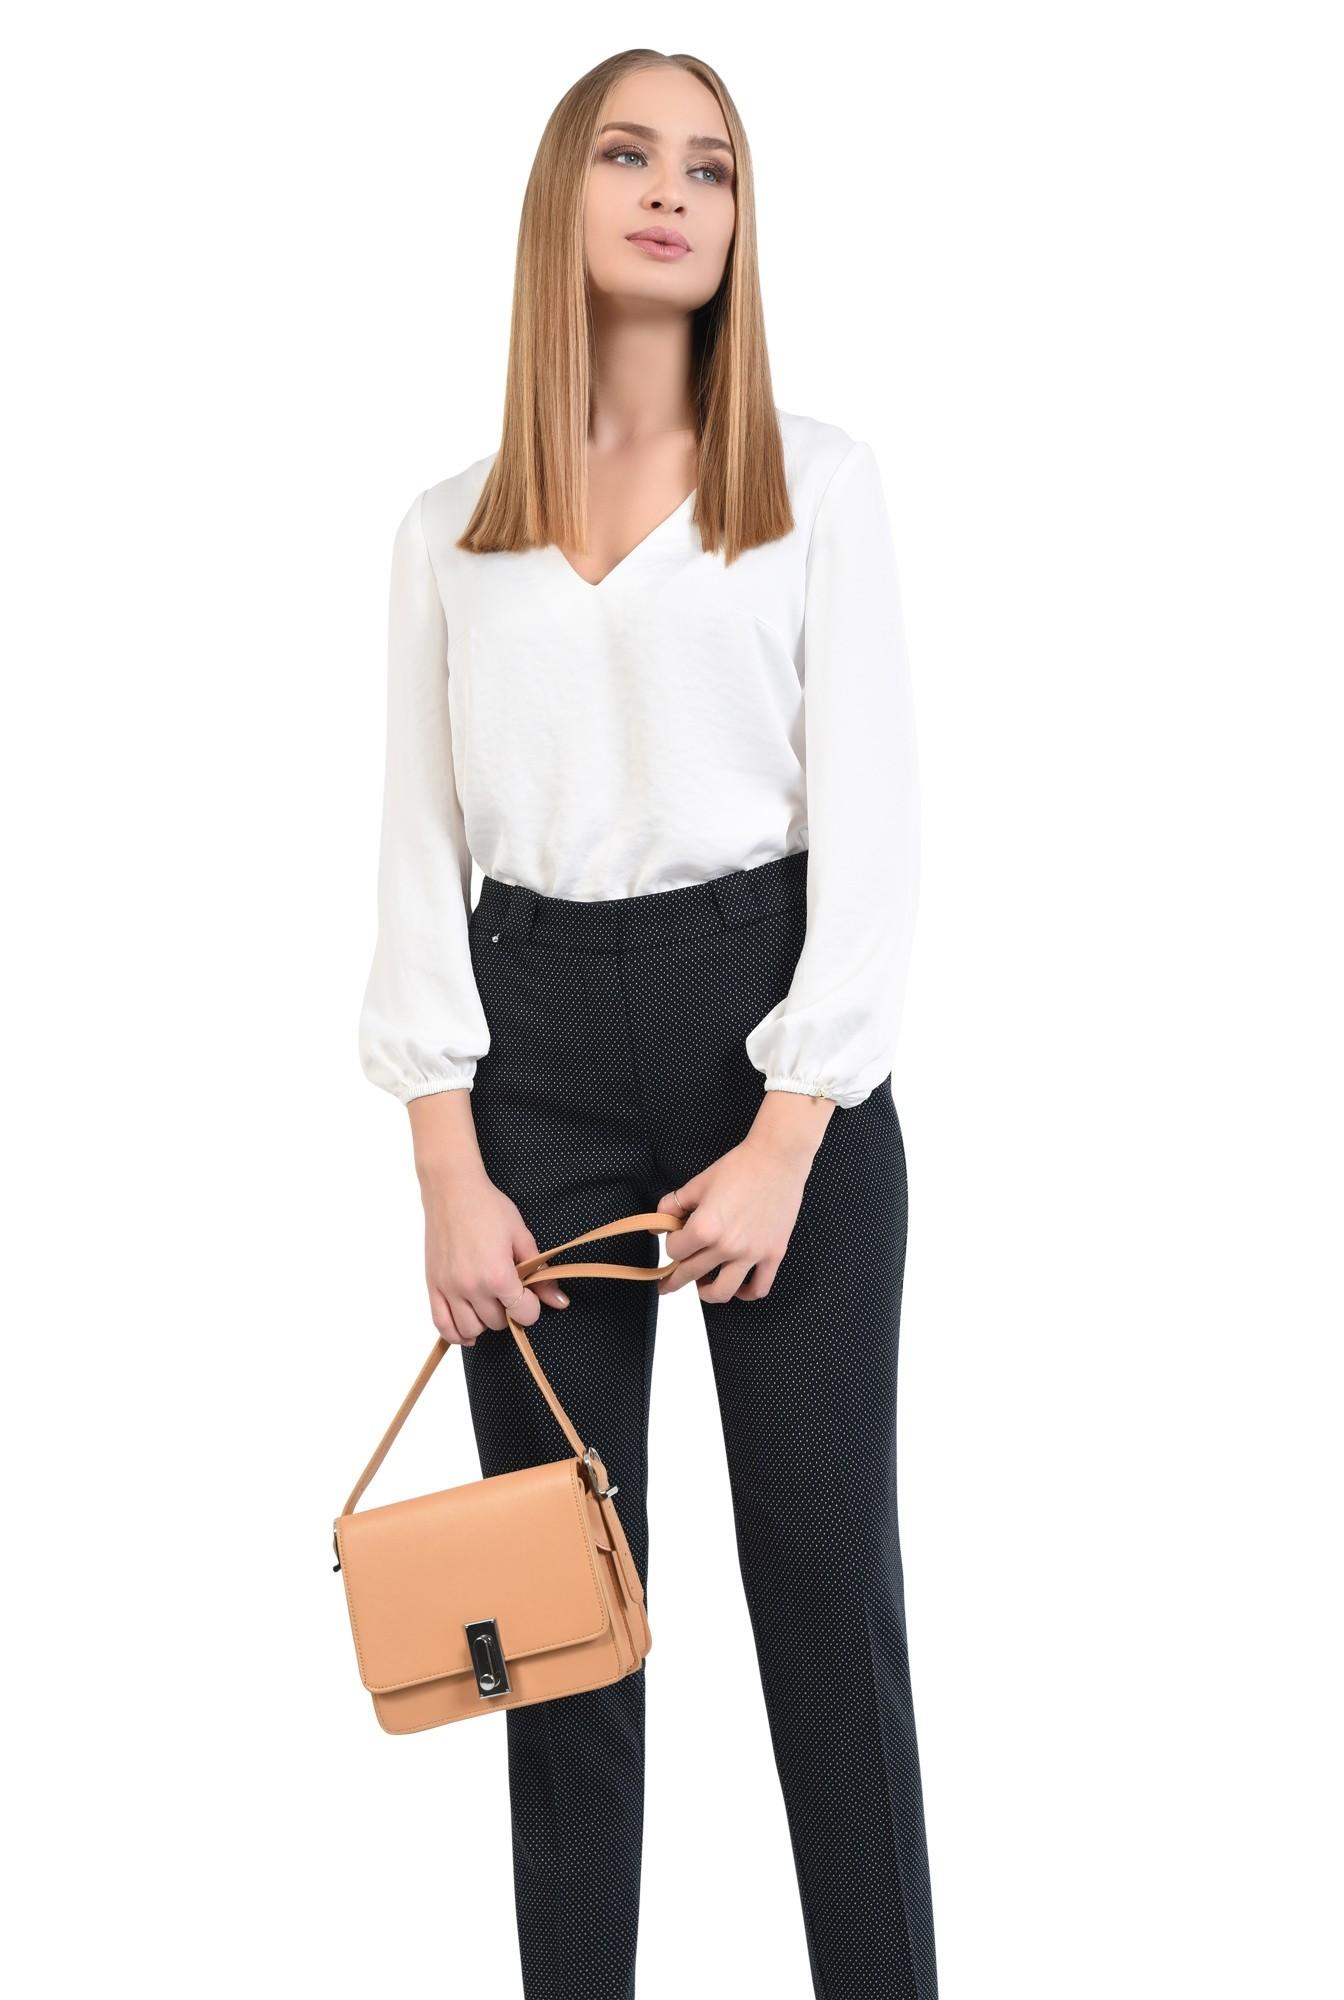 0 - pantaloni de zi, cu buline mici, picouri albe, pantaloni negri